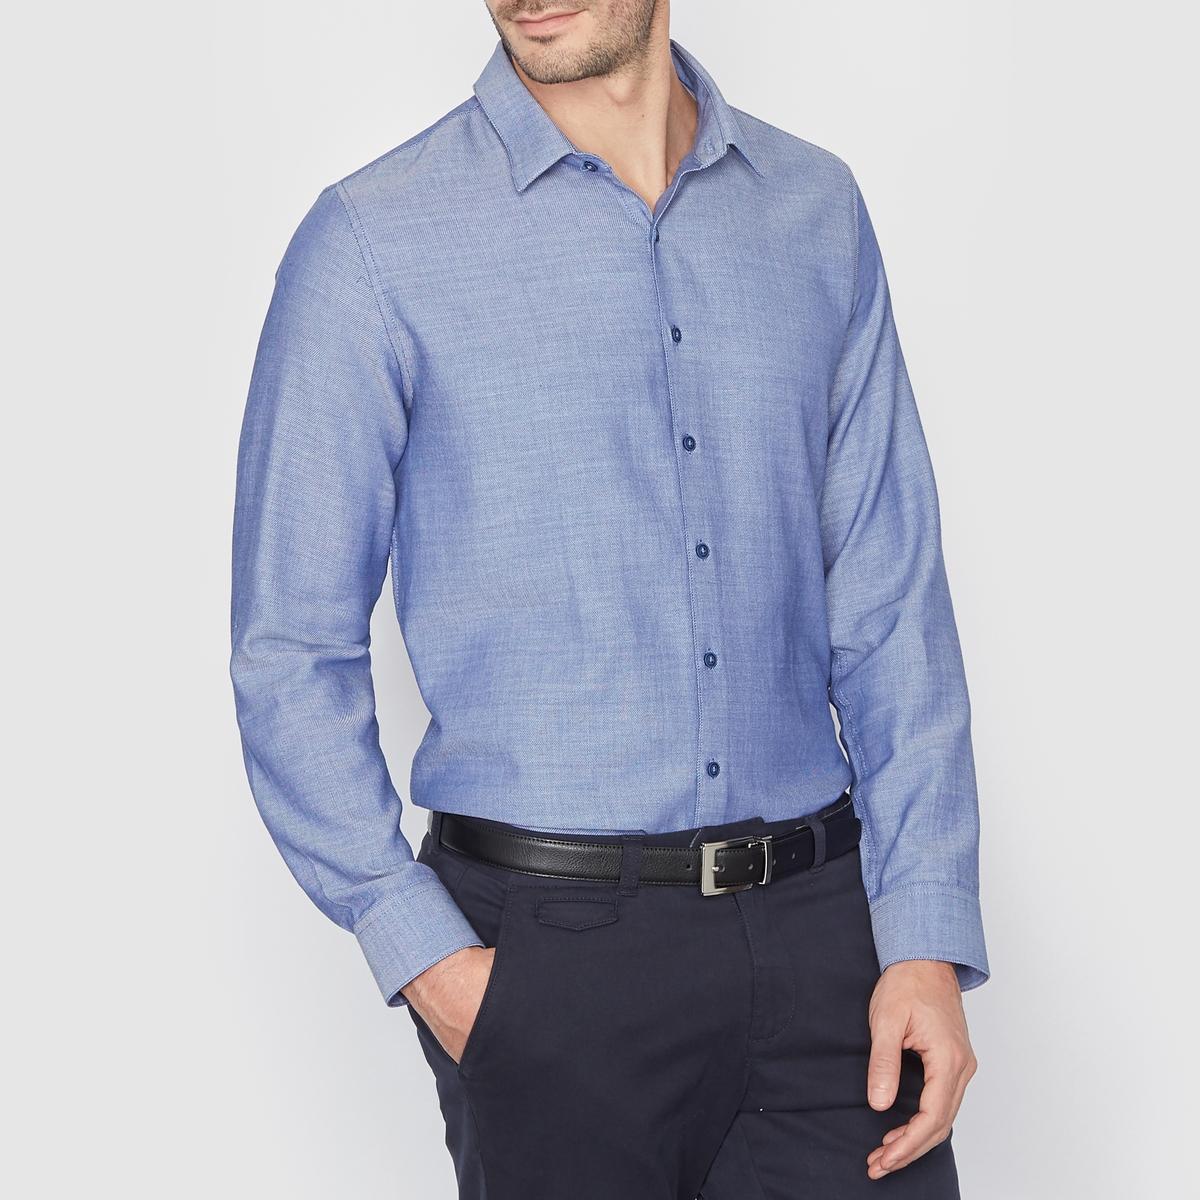 Рубашка узкого покрояРубашка в стиле сити, узкого покроя воротник со свободными уголками. Длина 77 см. Блузка, 100% хлопка.<br><br>Цвет: синий<br>Размер: 37/38